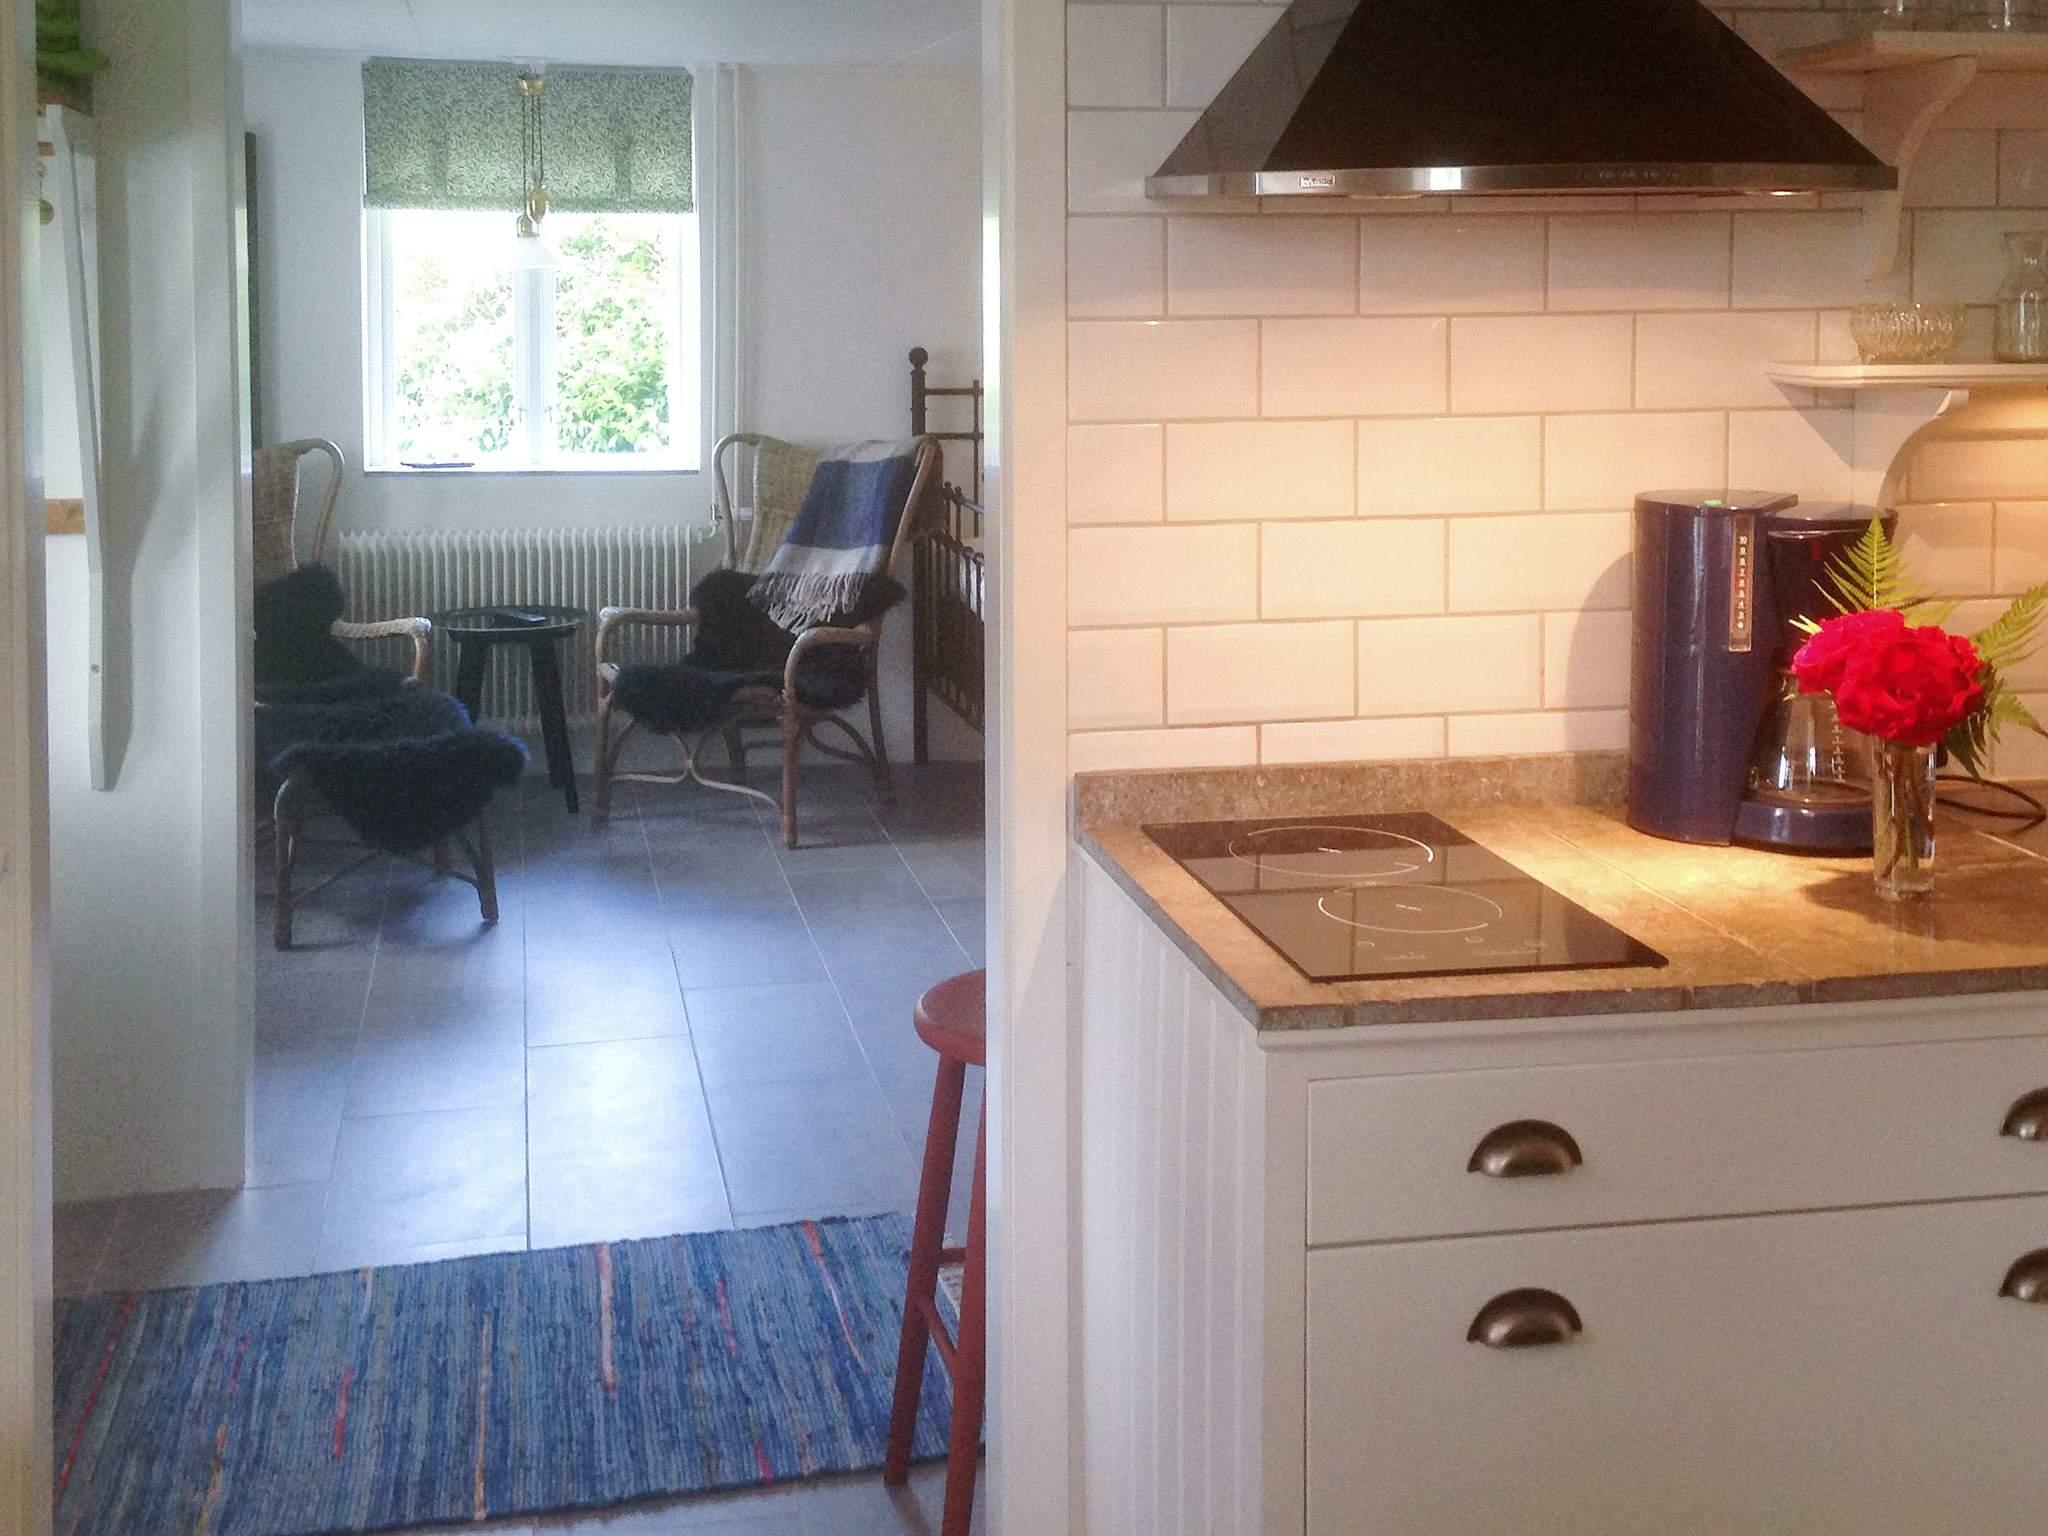 ferienwohnung kungshamn 2 personen schweden g teborg und umgebung 109297. Black Bedroom Furniture Sets. Home Design Ideas